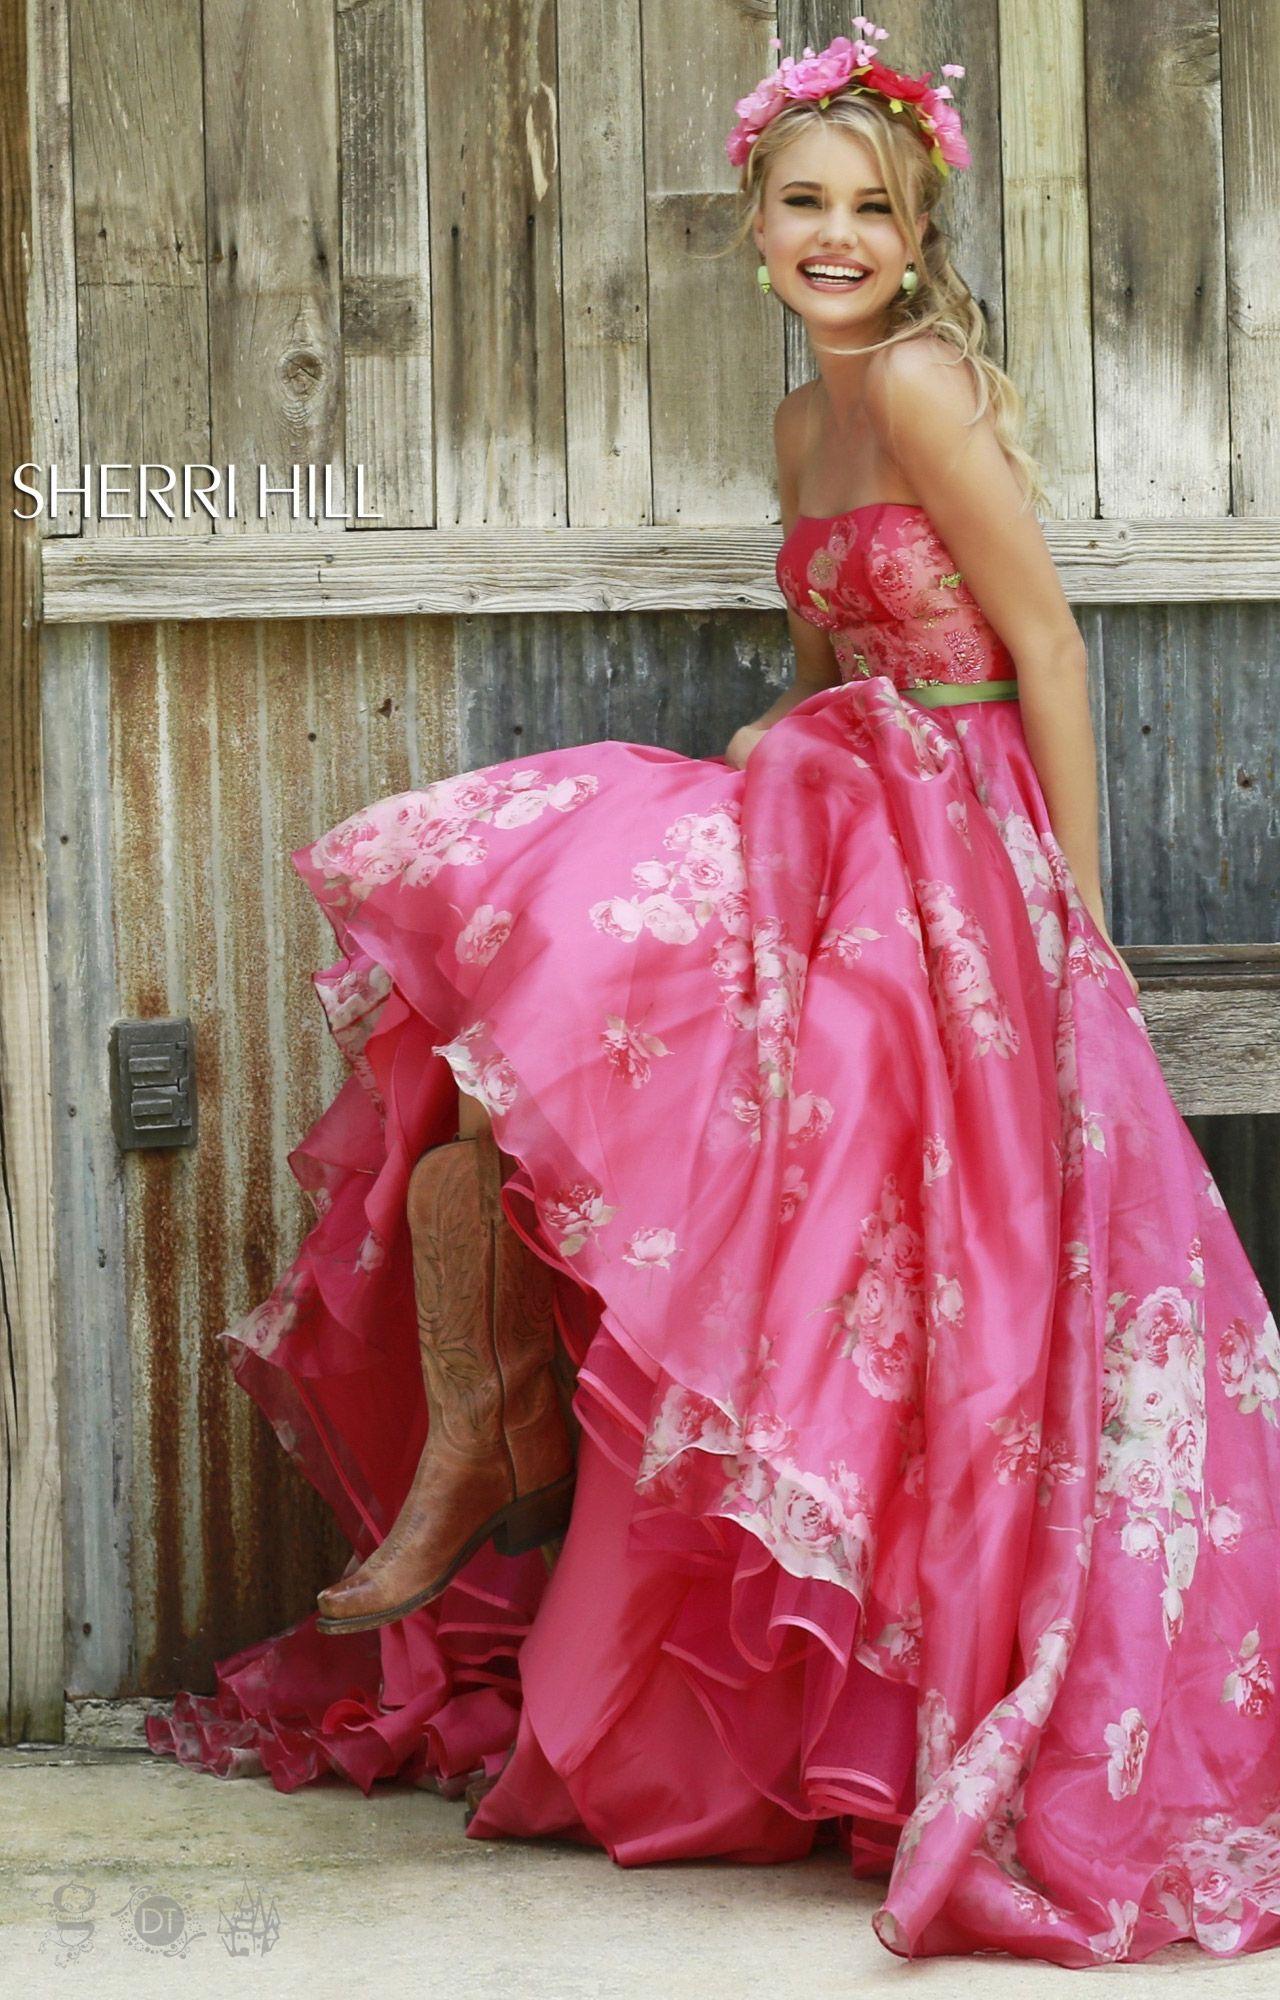 Asombroso La Colina De Sherri Vestidos De Fiesta Venta Componente ...